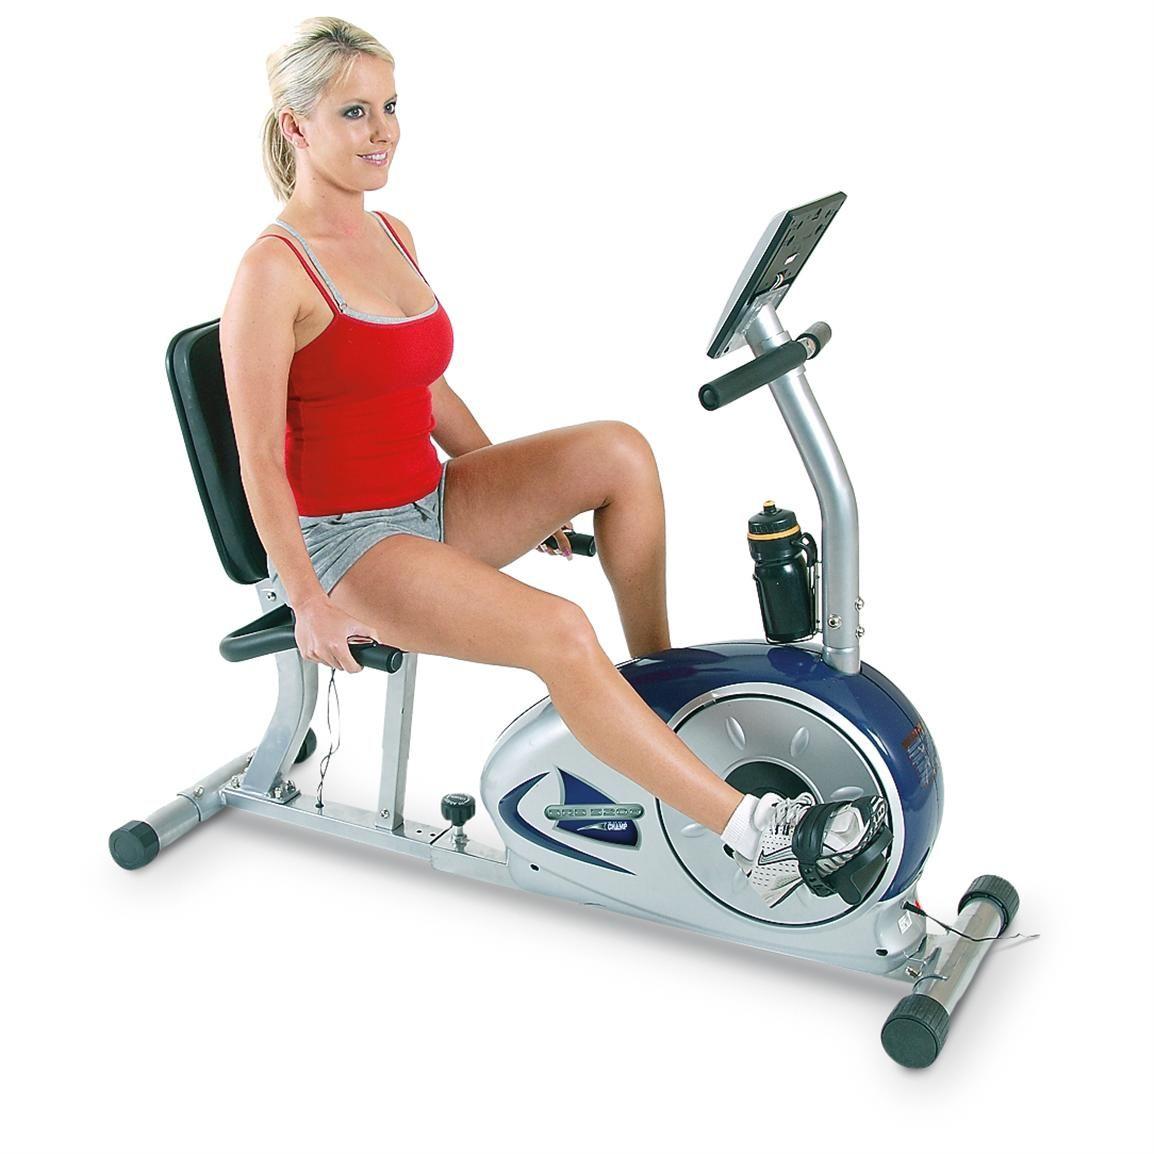 Спортивный Велотренажер Для Похудения. Лучшая программа похудения на велотренажере